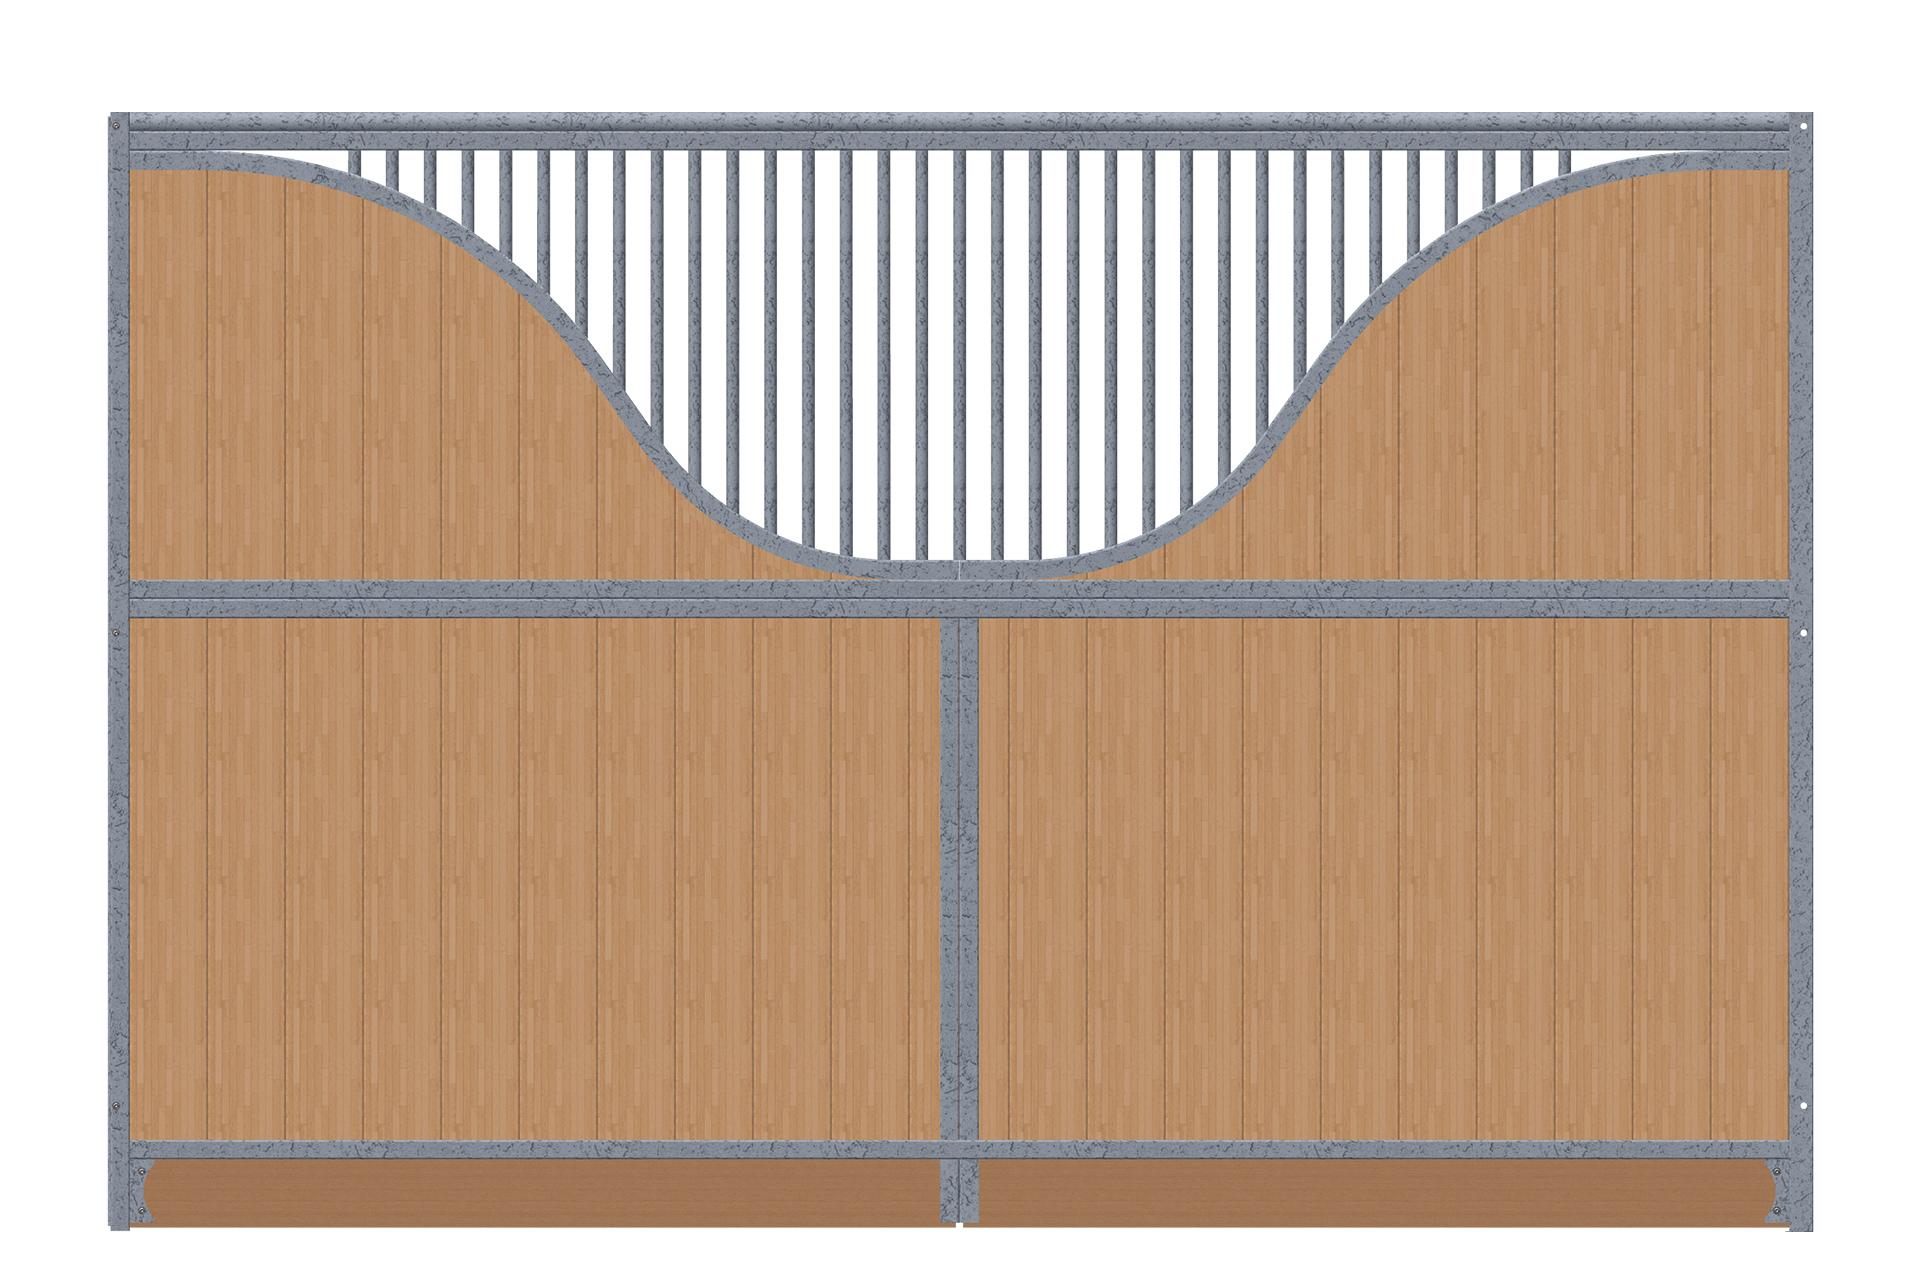 Trennwand-3,5m-2x-S-Bogen-verzinkt